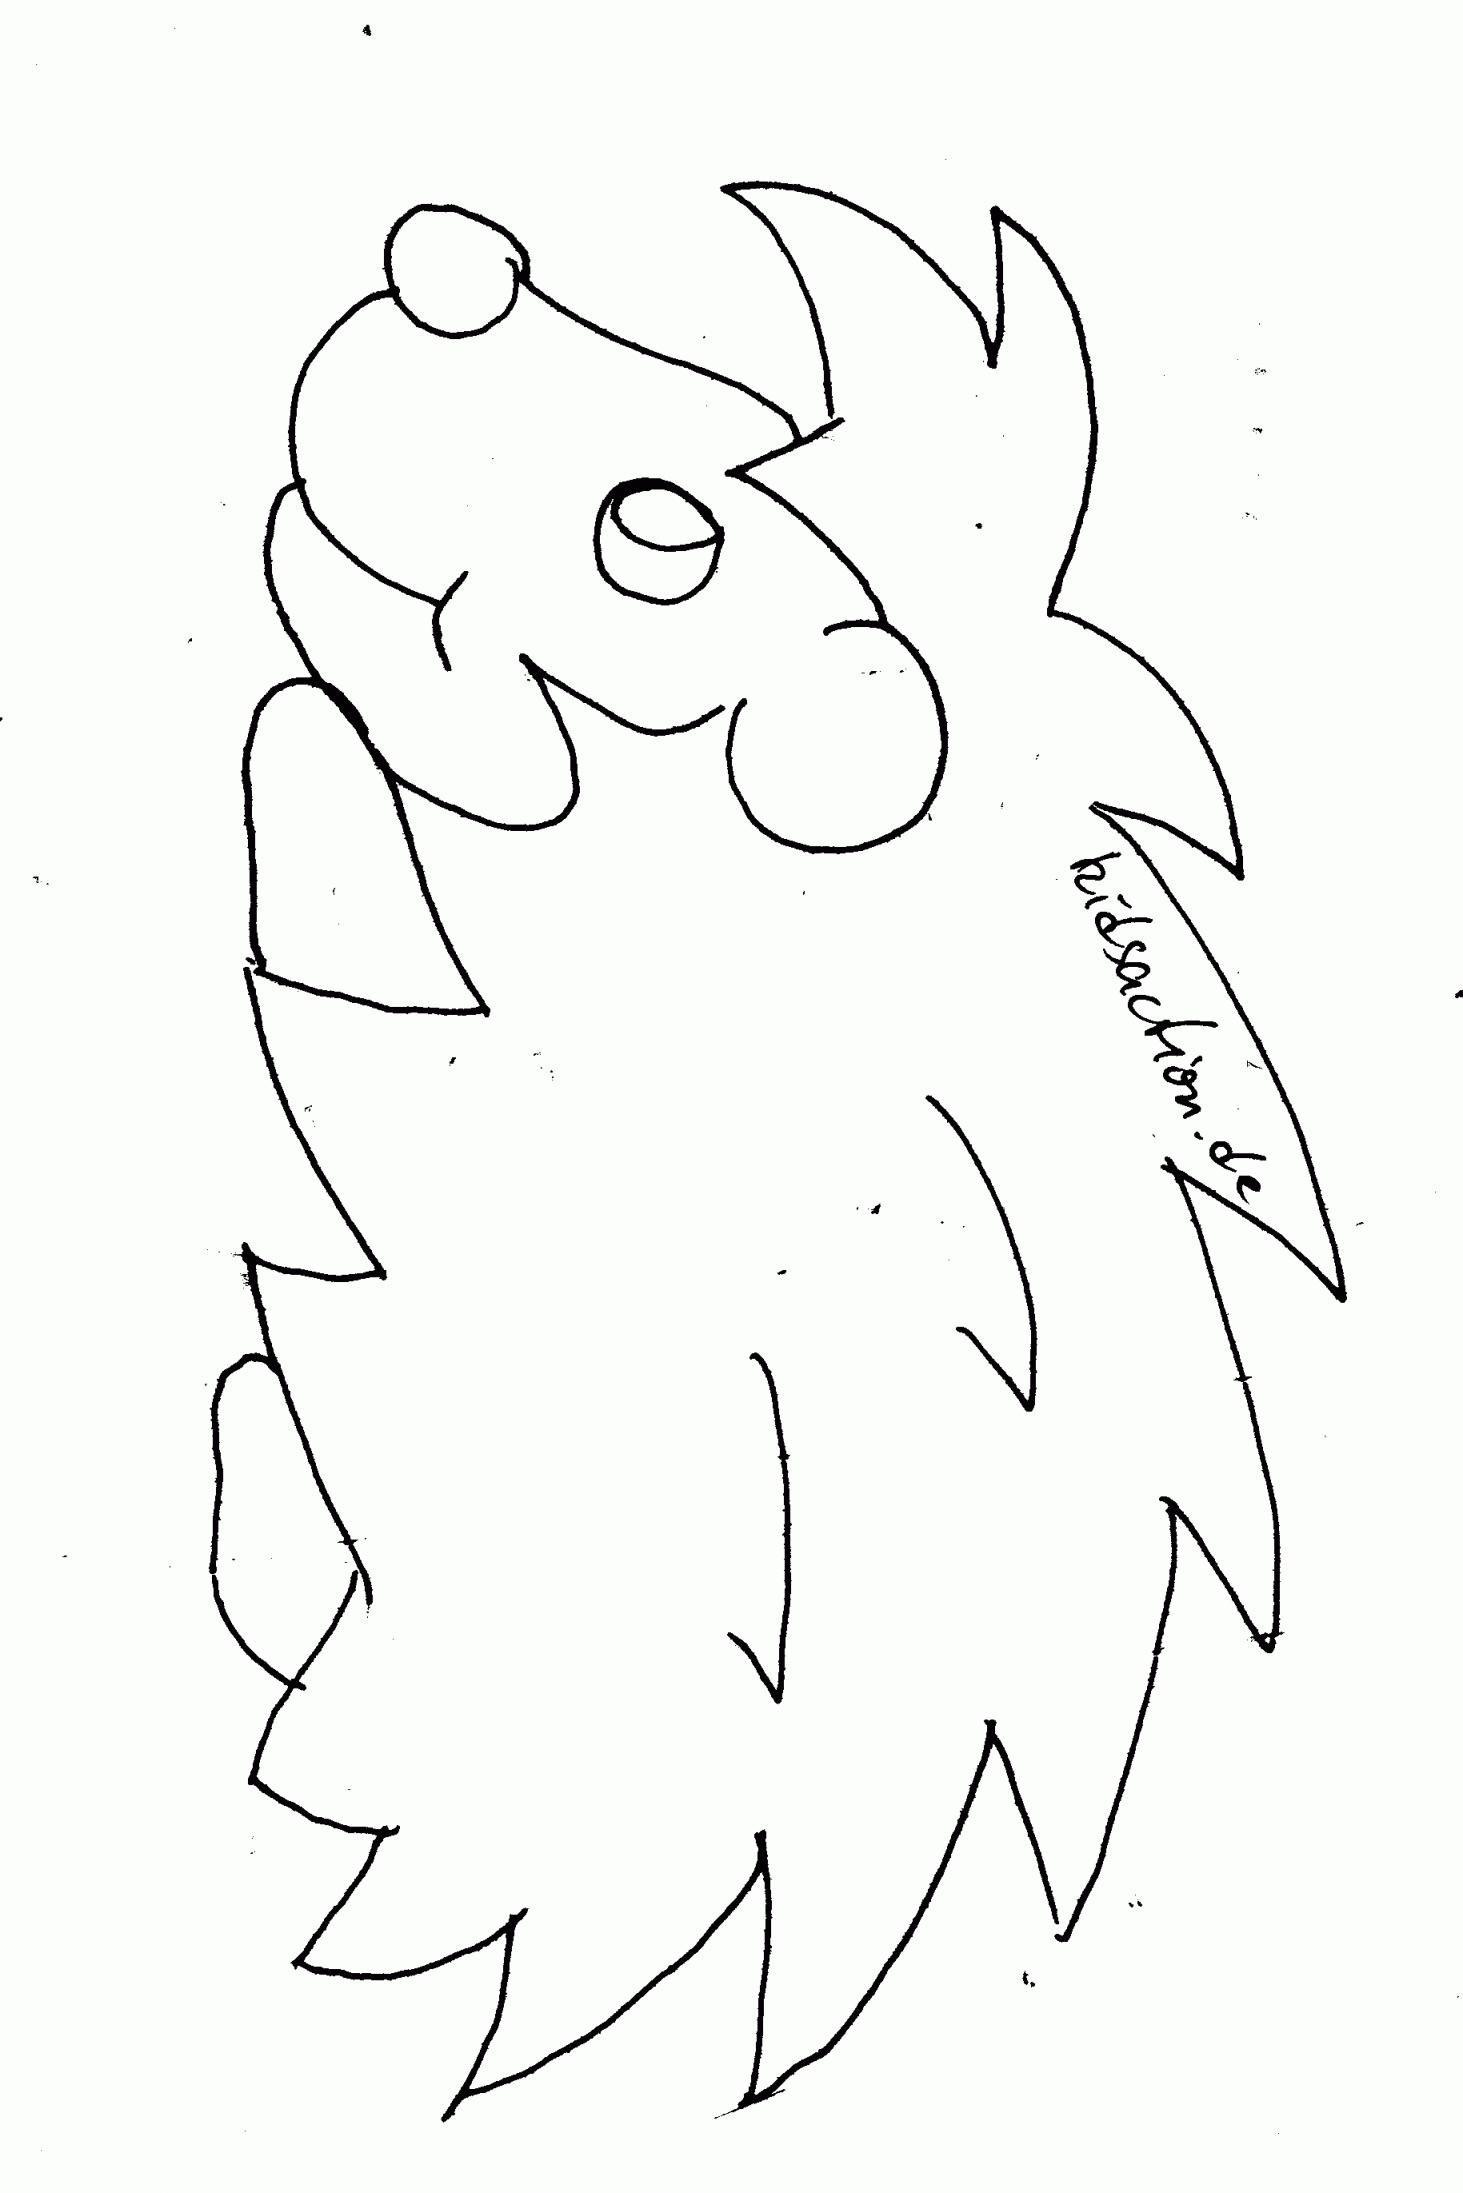 Pj Mask Ausmalbild Inspirierend Ausmalbilder Pj Masks Inspirierend 12 Owlette Coloring Page Schön Pj Bilder